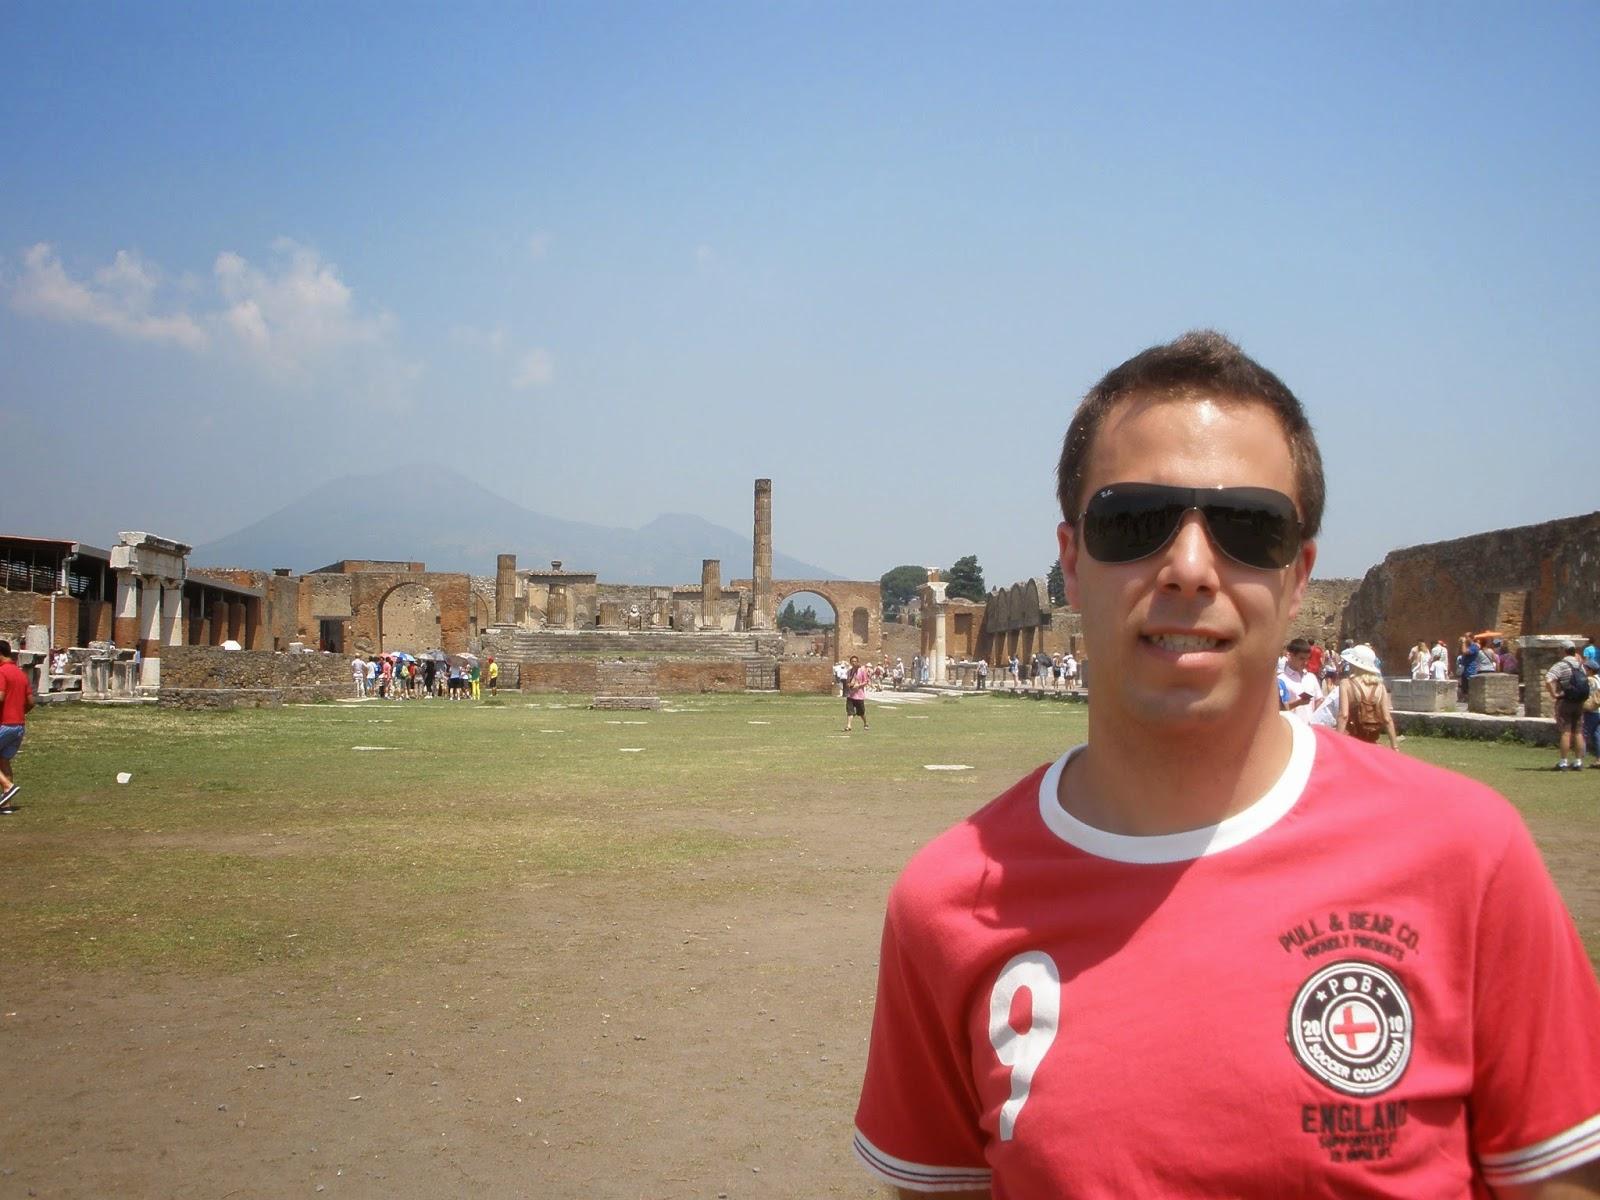 Foro de Pompeya, al fondo el Templo de Júpiter, con el volcán Vesubio al fondo